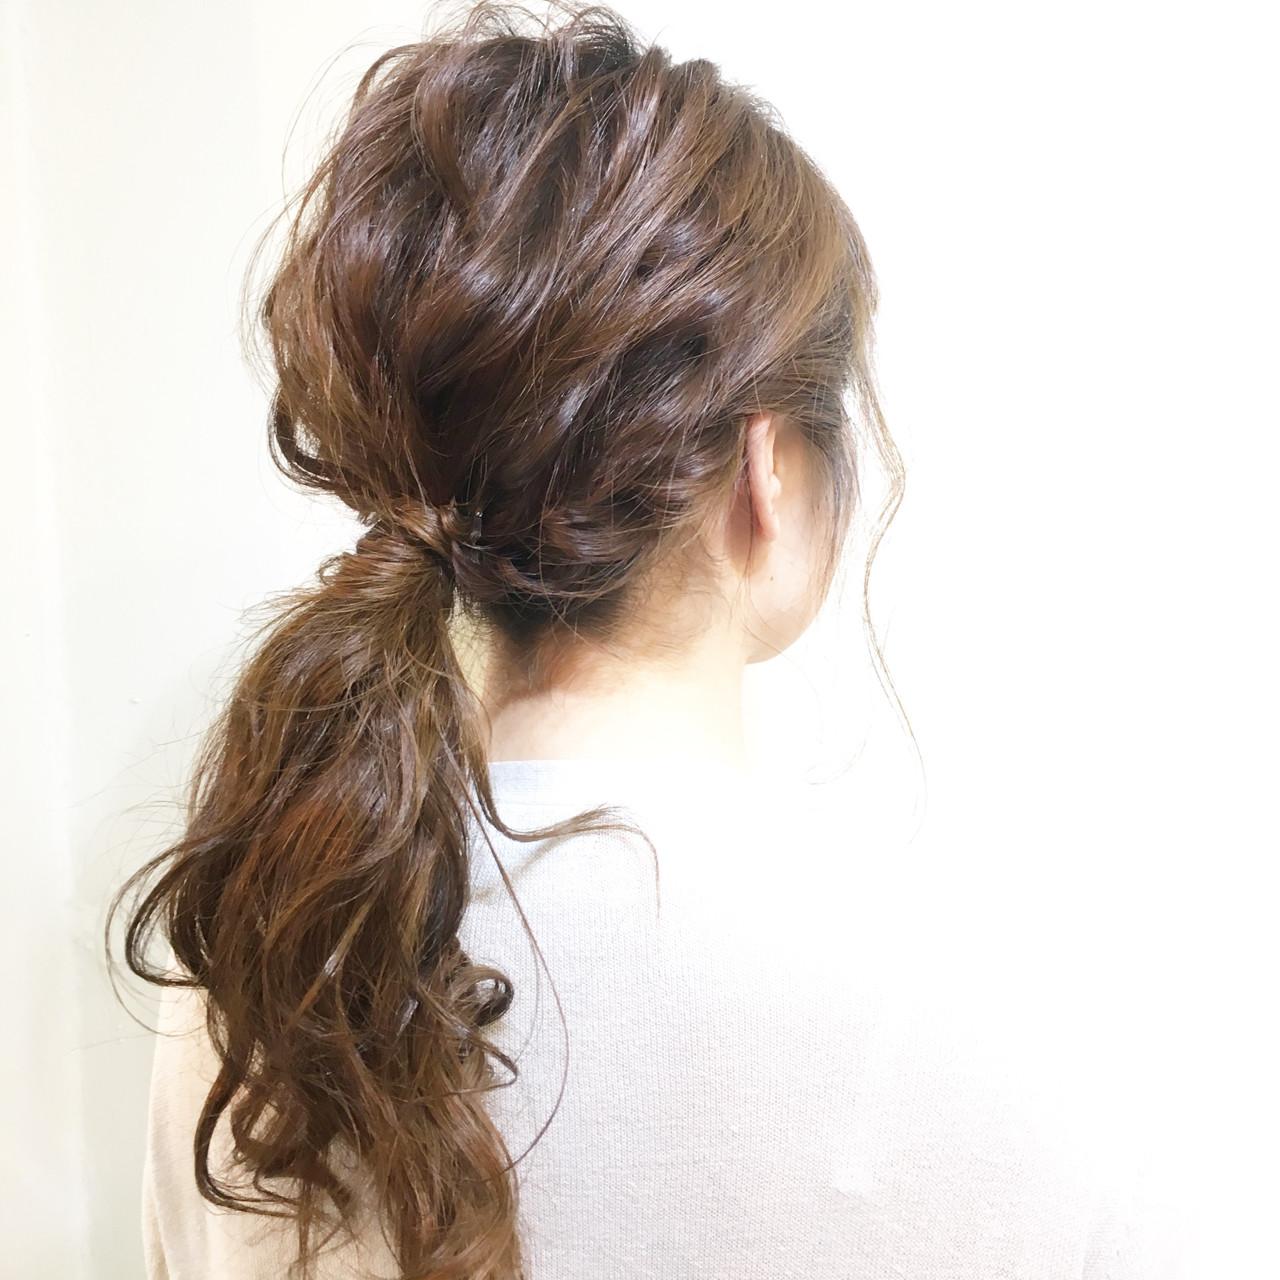 簡単ヘアアレンジ 編み込み 簡単 夏 ヘアスタイルや髪型の写真・画像